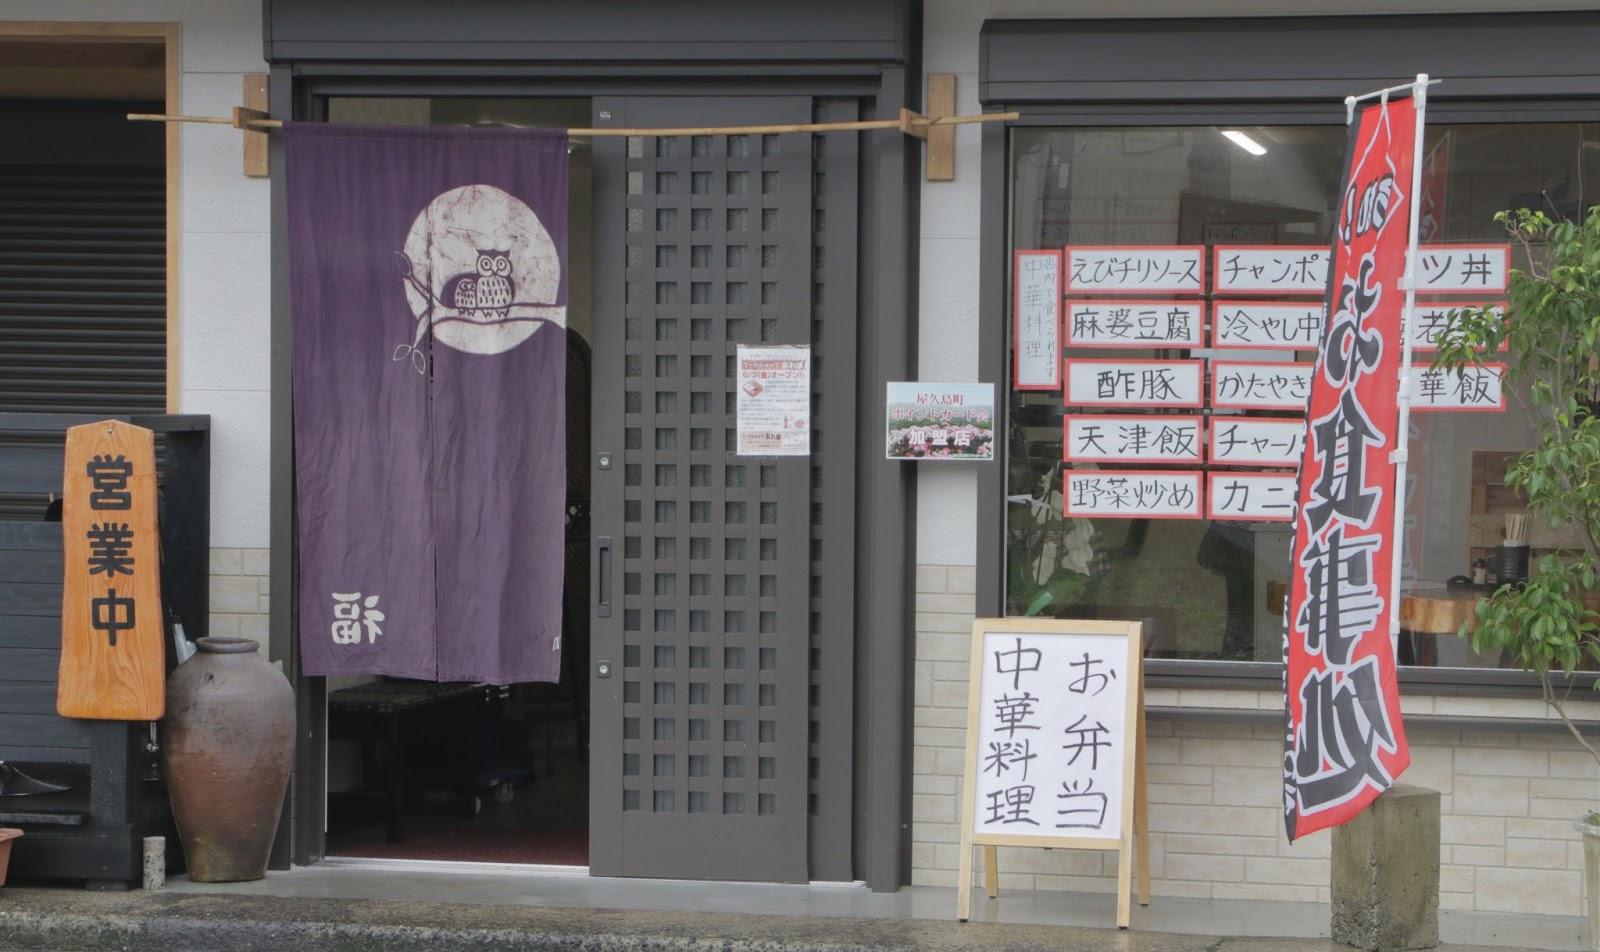 Awaho restaurant, Yakushima